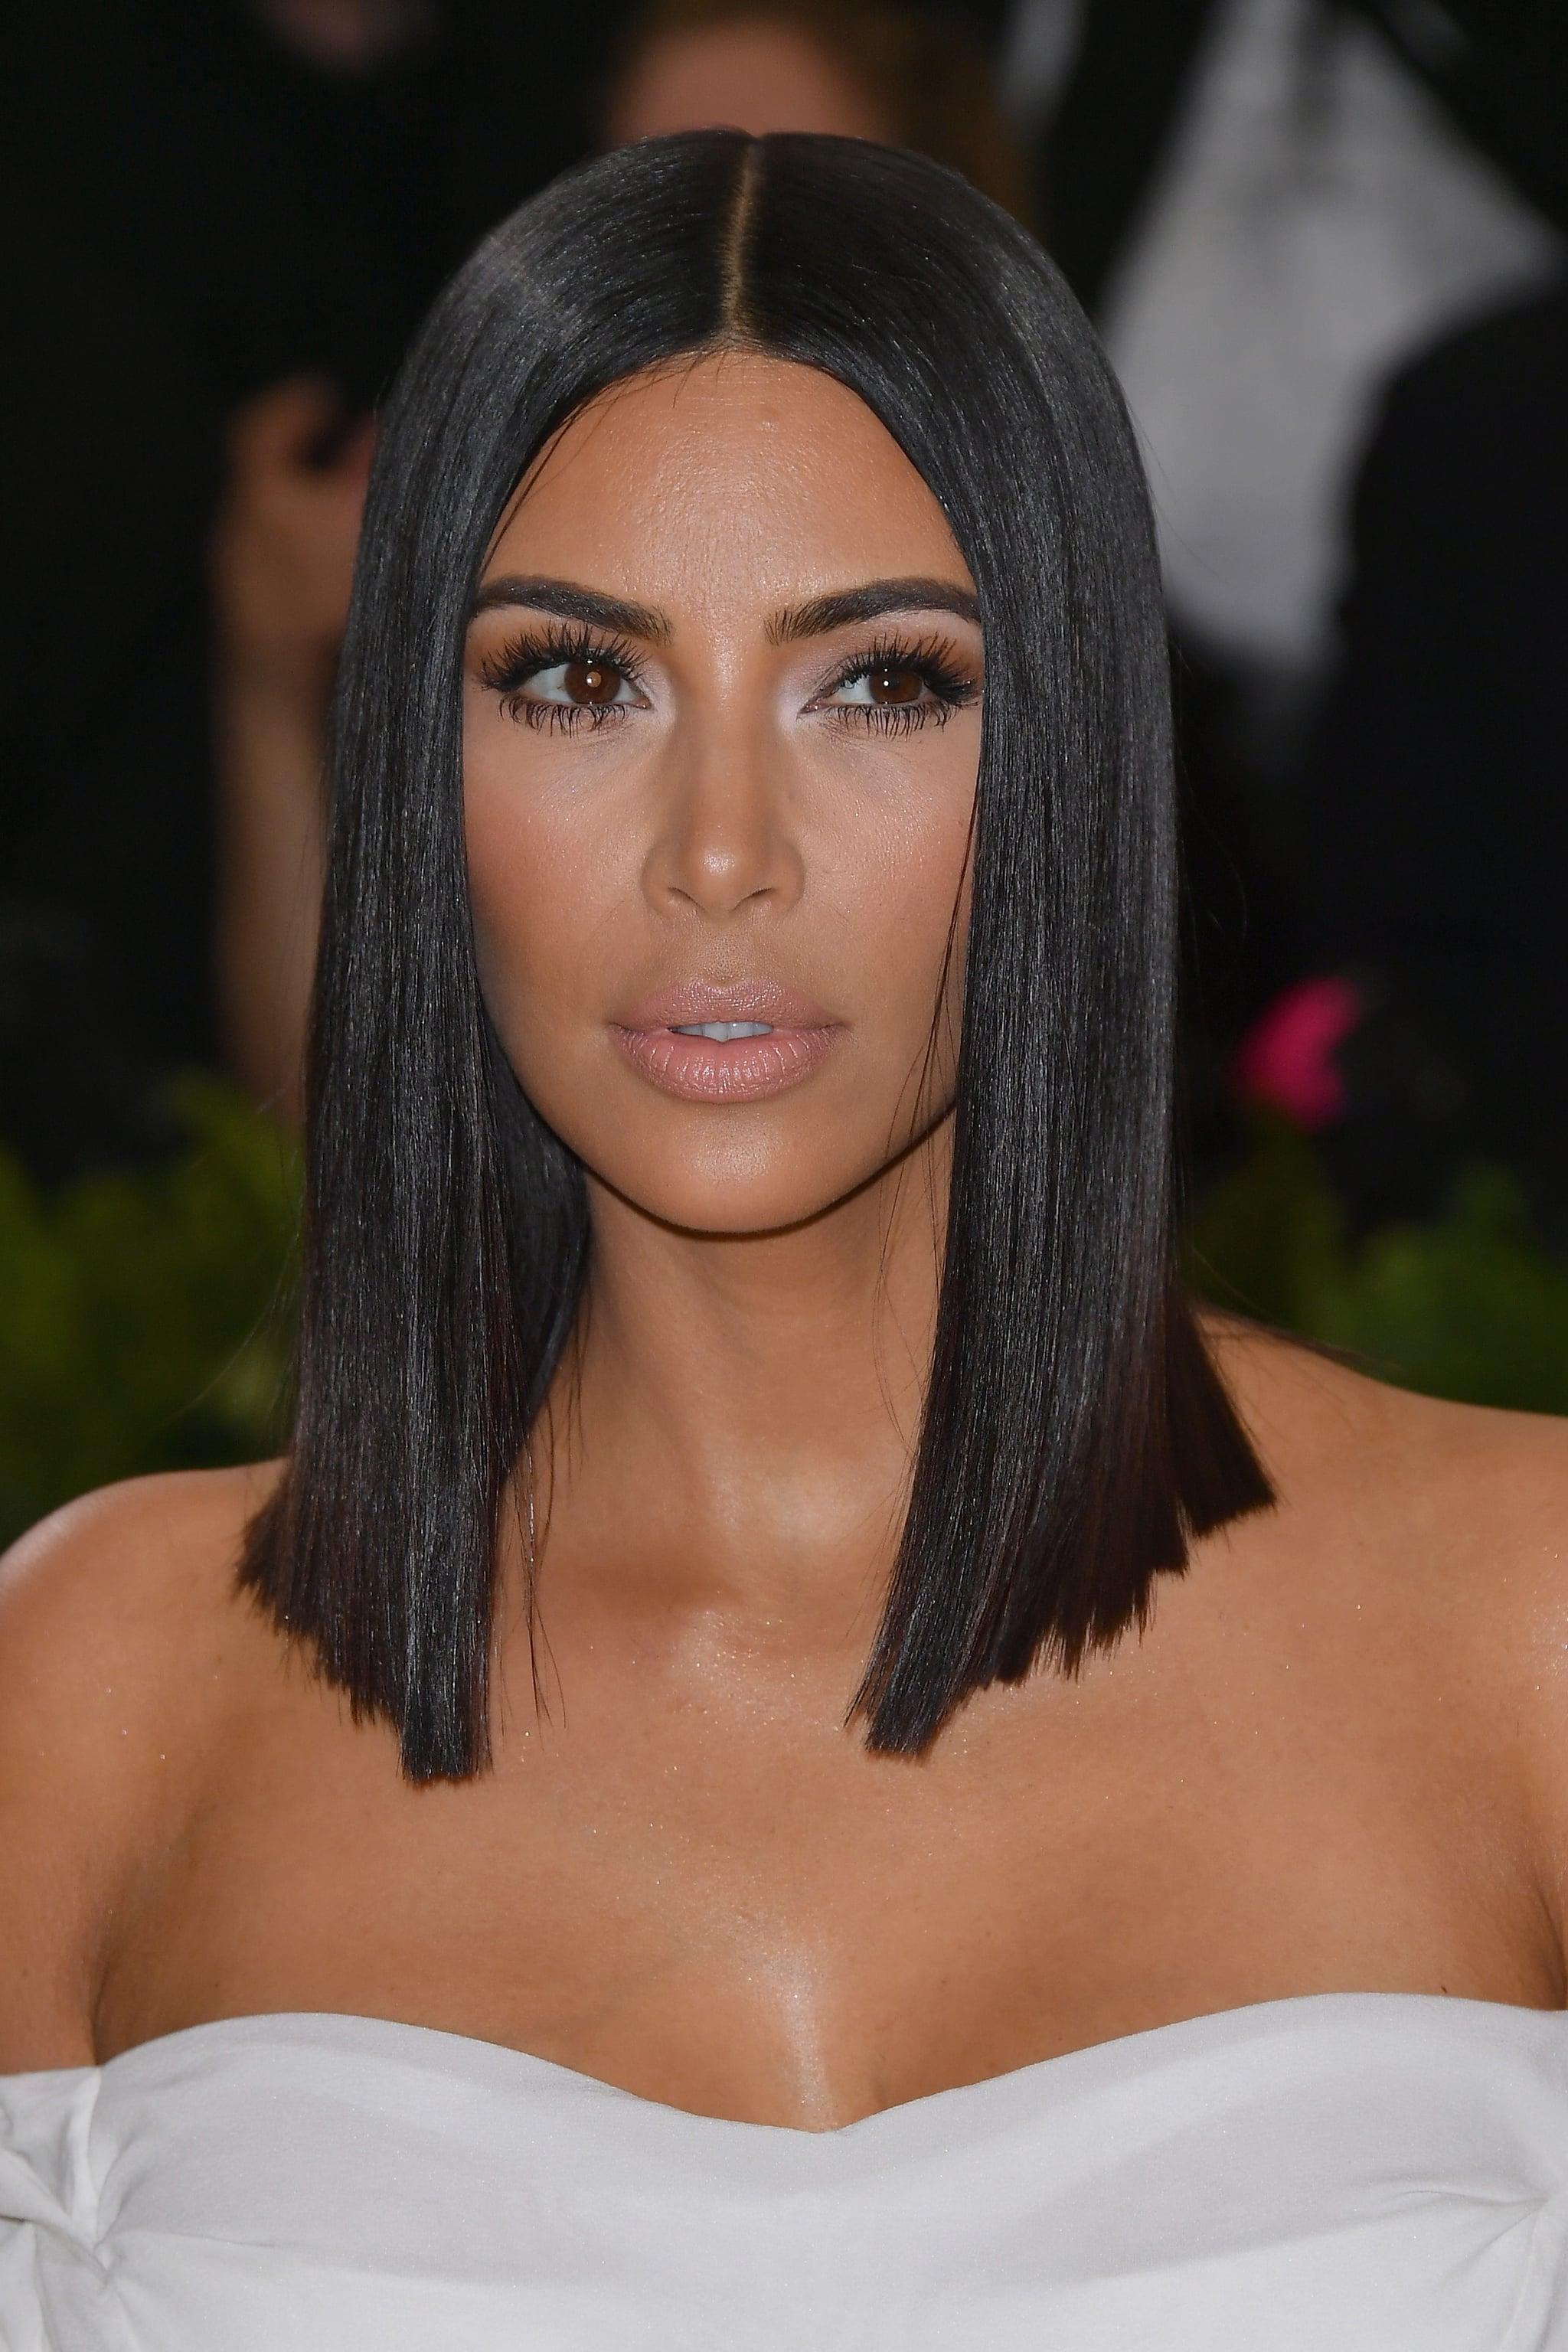 Kim Kardashian Hair and Makeup at the Met Gala 2017 ... Kim Kardashian